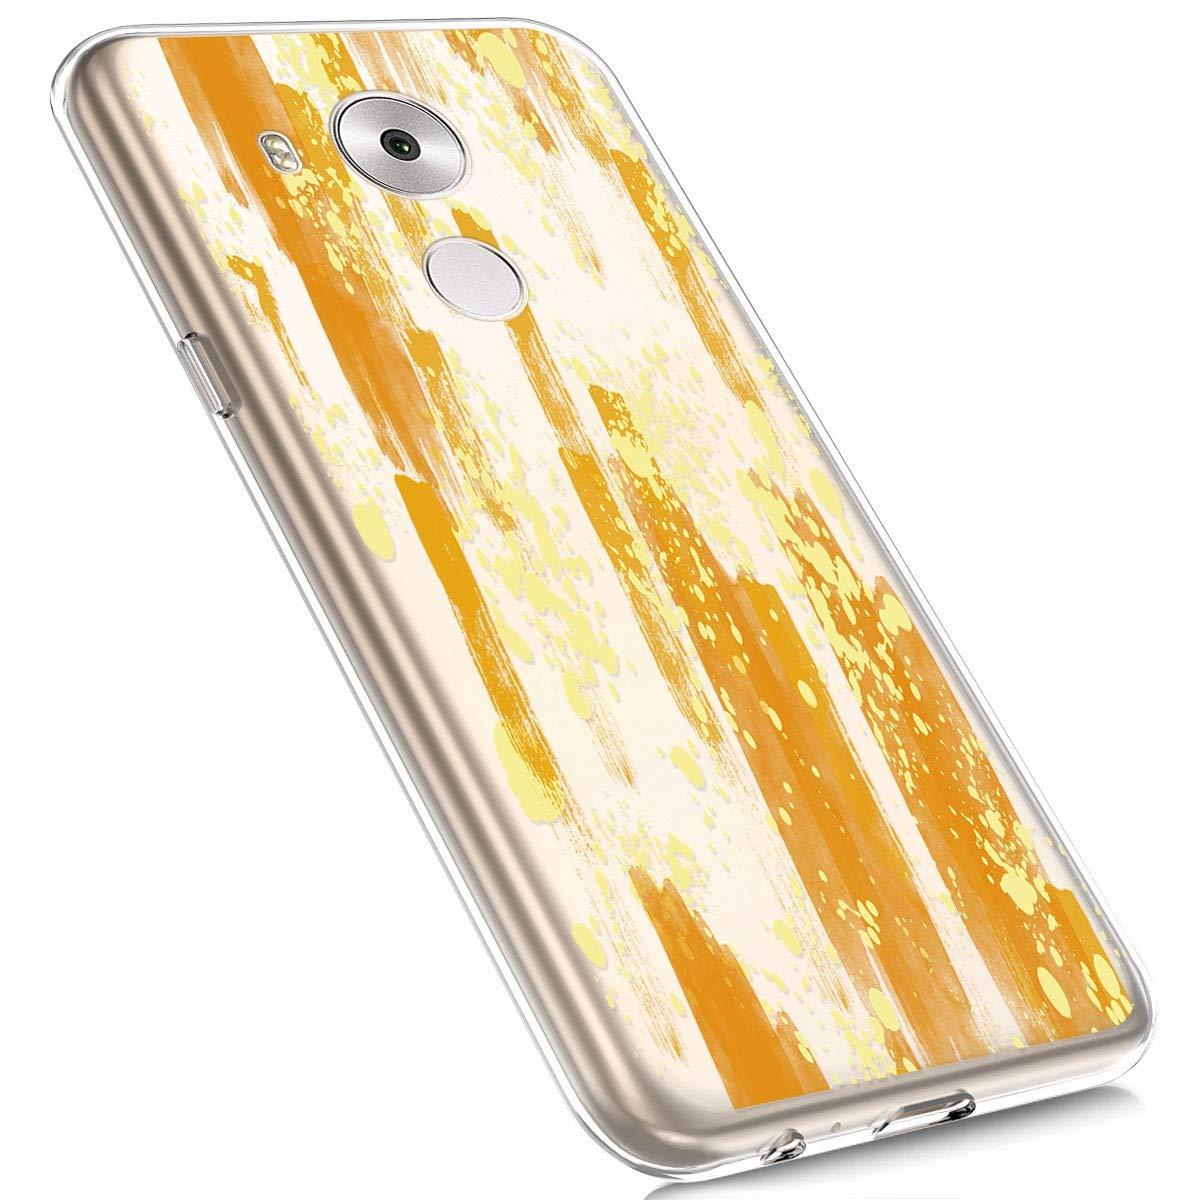 MoreChioce Compatible con Huawei Mate 8,Slim Shock Absorption Silicona Suave Volver Colorido Patr/ón Alivio Transparente Funda Protectora de Parachoques de Silicona Funda para Huawei Mate 8, #01